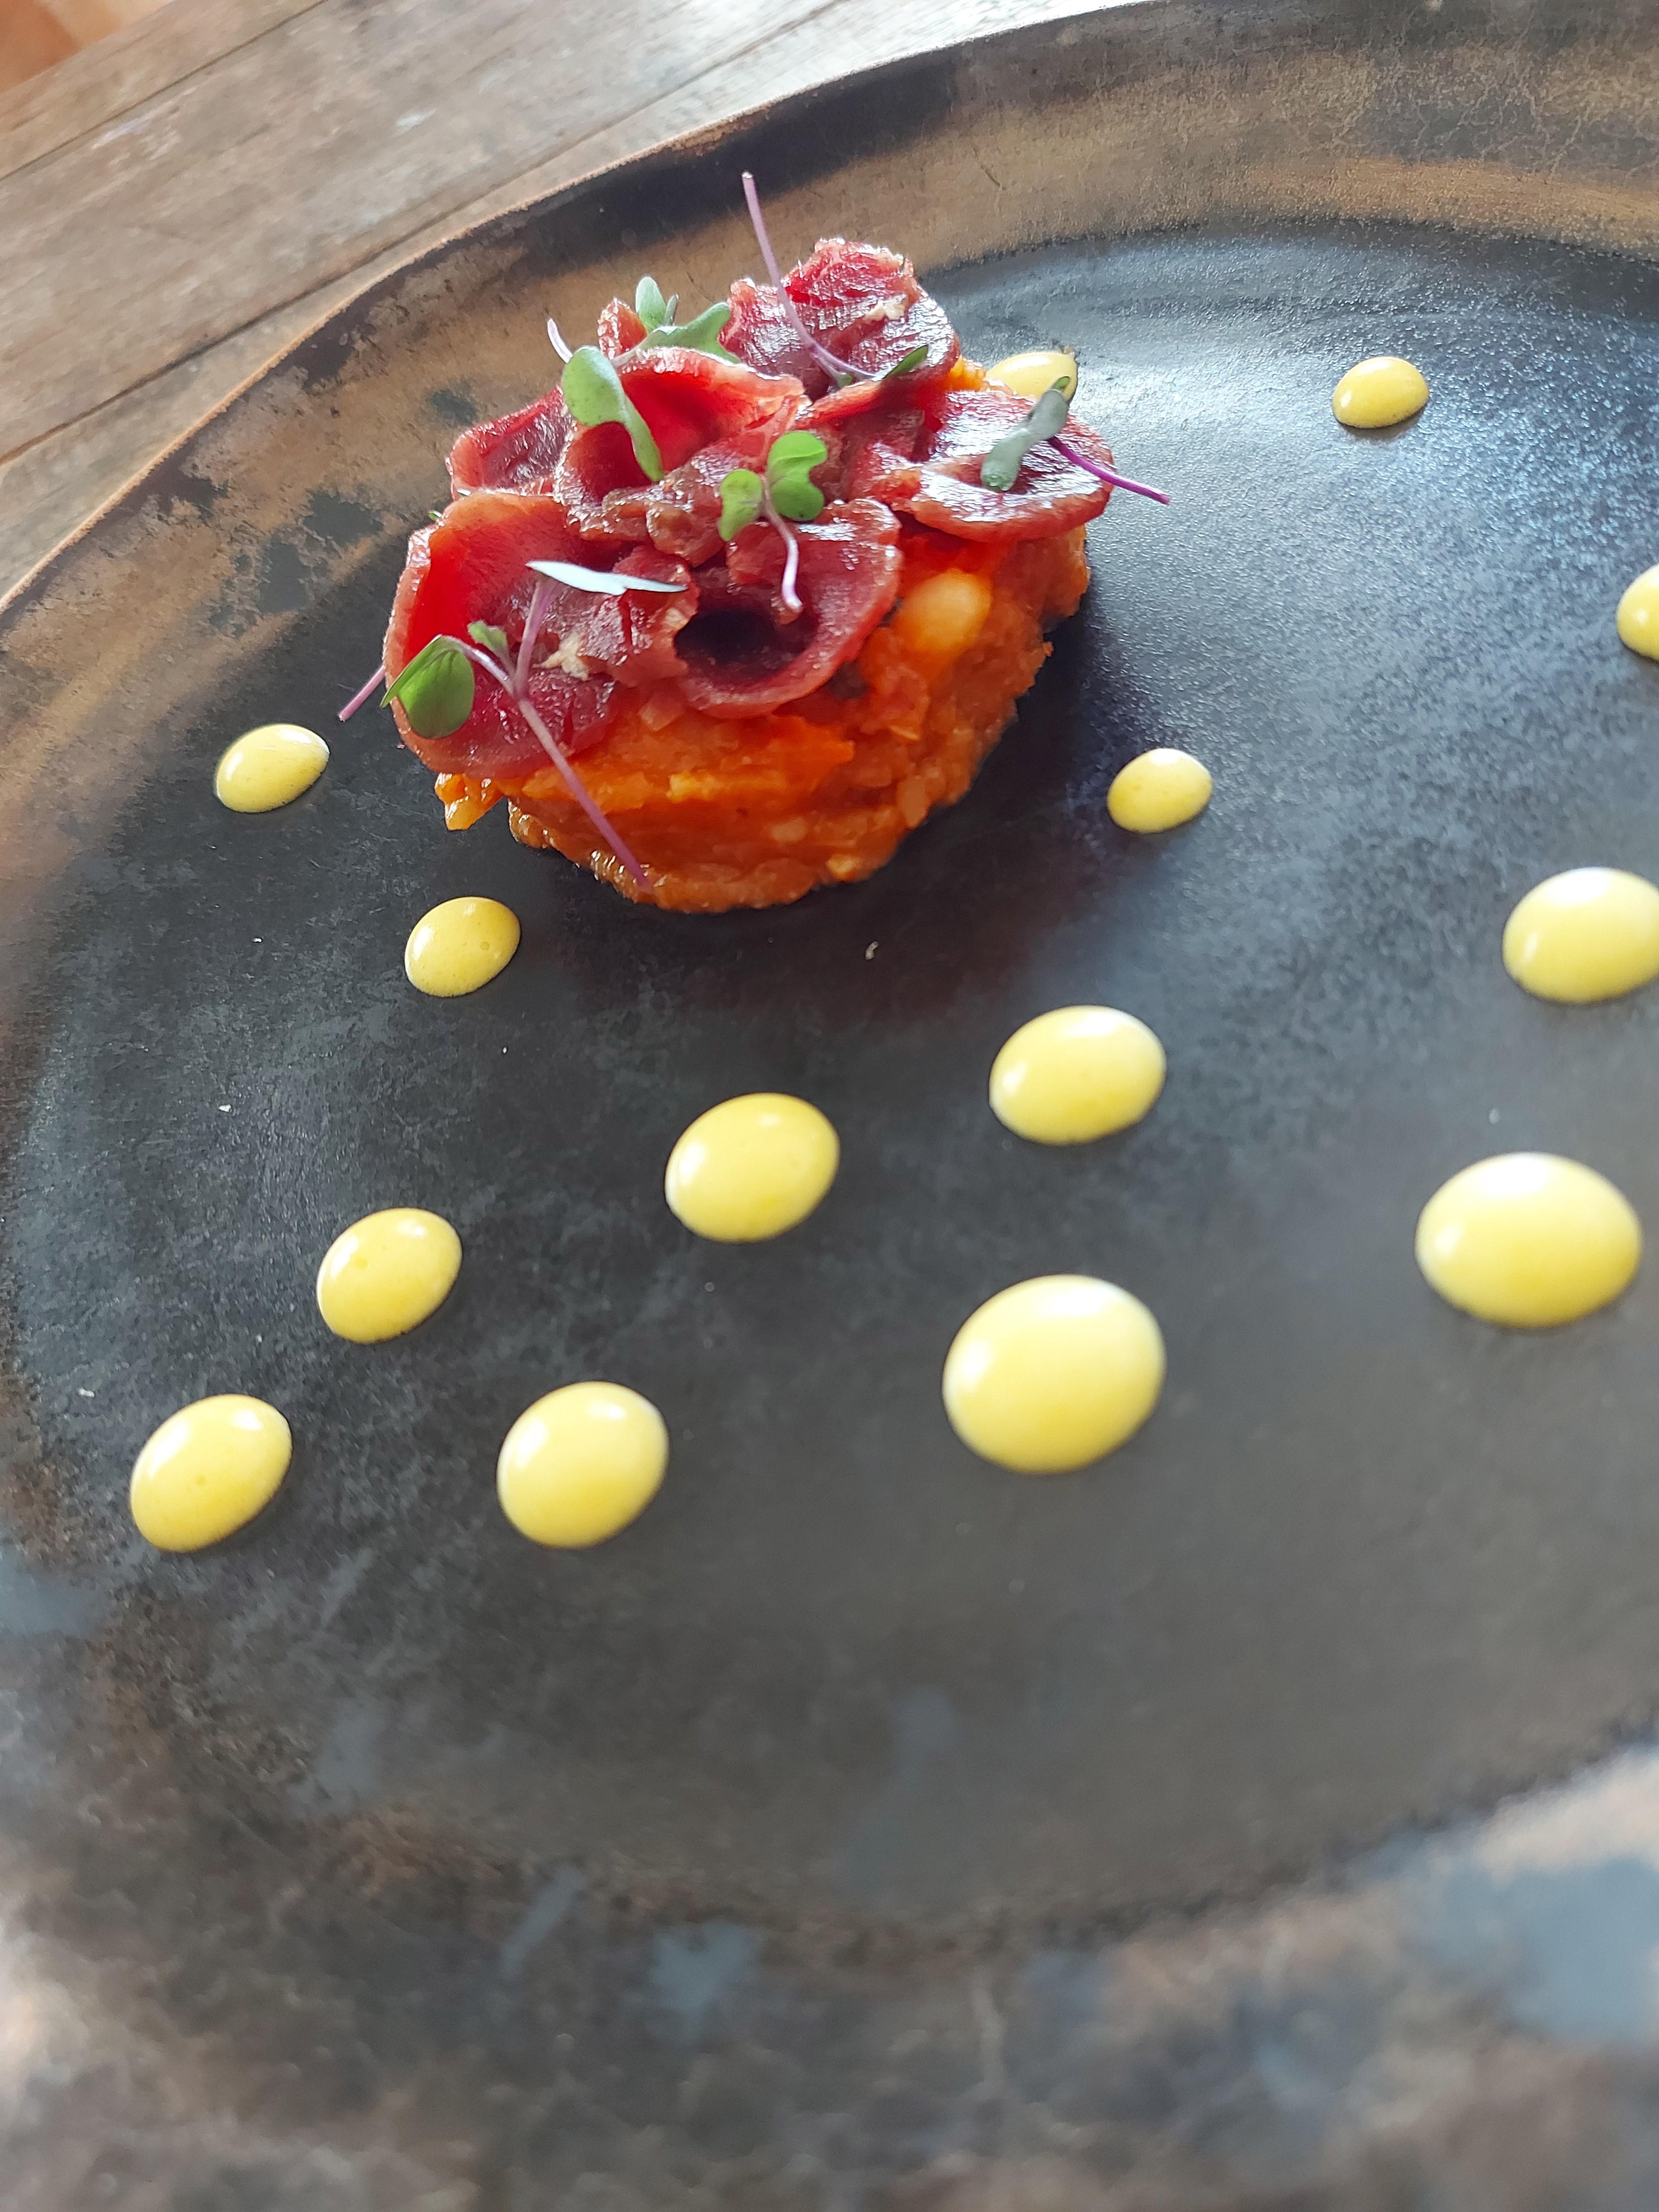 Matula de feijão branco com bacon e ervas aromáticas, carpaccio de carne de sol e maionese de pequi: no menu do jantar especial do Térèze